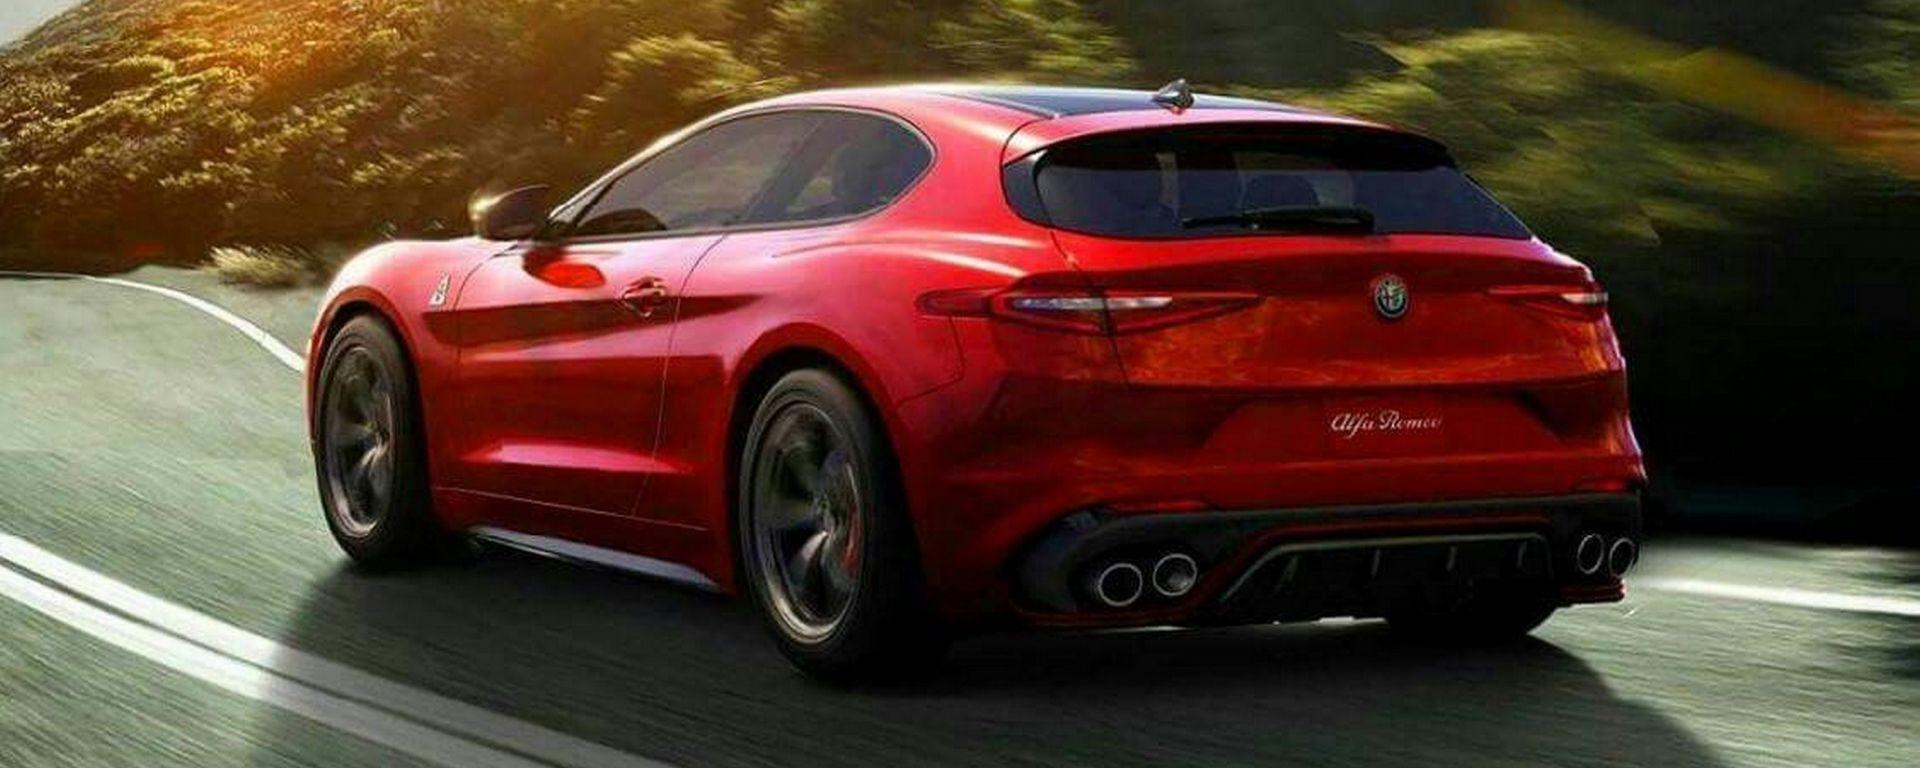 Alfa Romeo Brera: il rendering del 2016